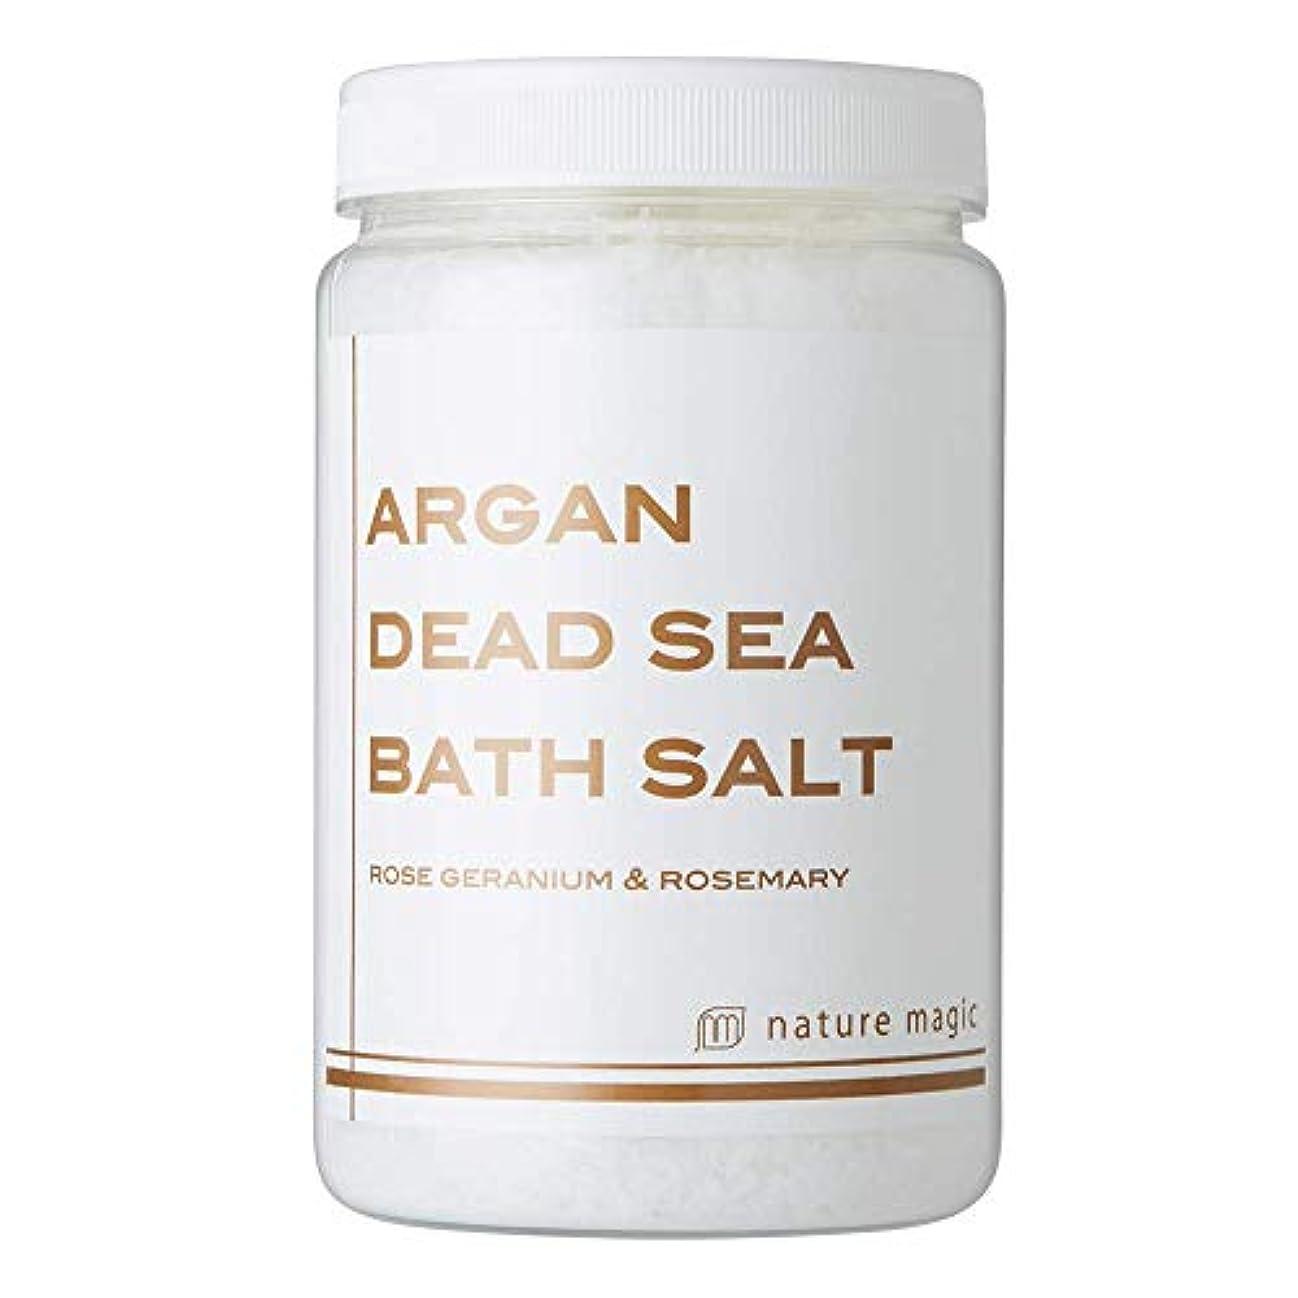 カセット敗北ねばねば【死海の天然塩にアルガンオイルを配合した全身ポカポカ、お肌つるつる入浴剤】アルガンデッドシーバスソルト